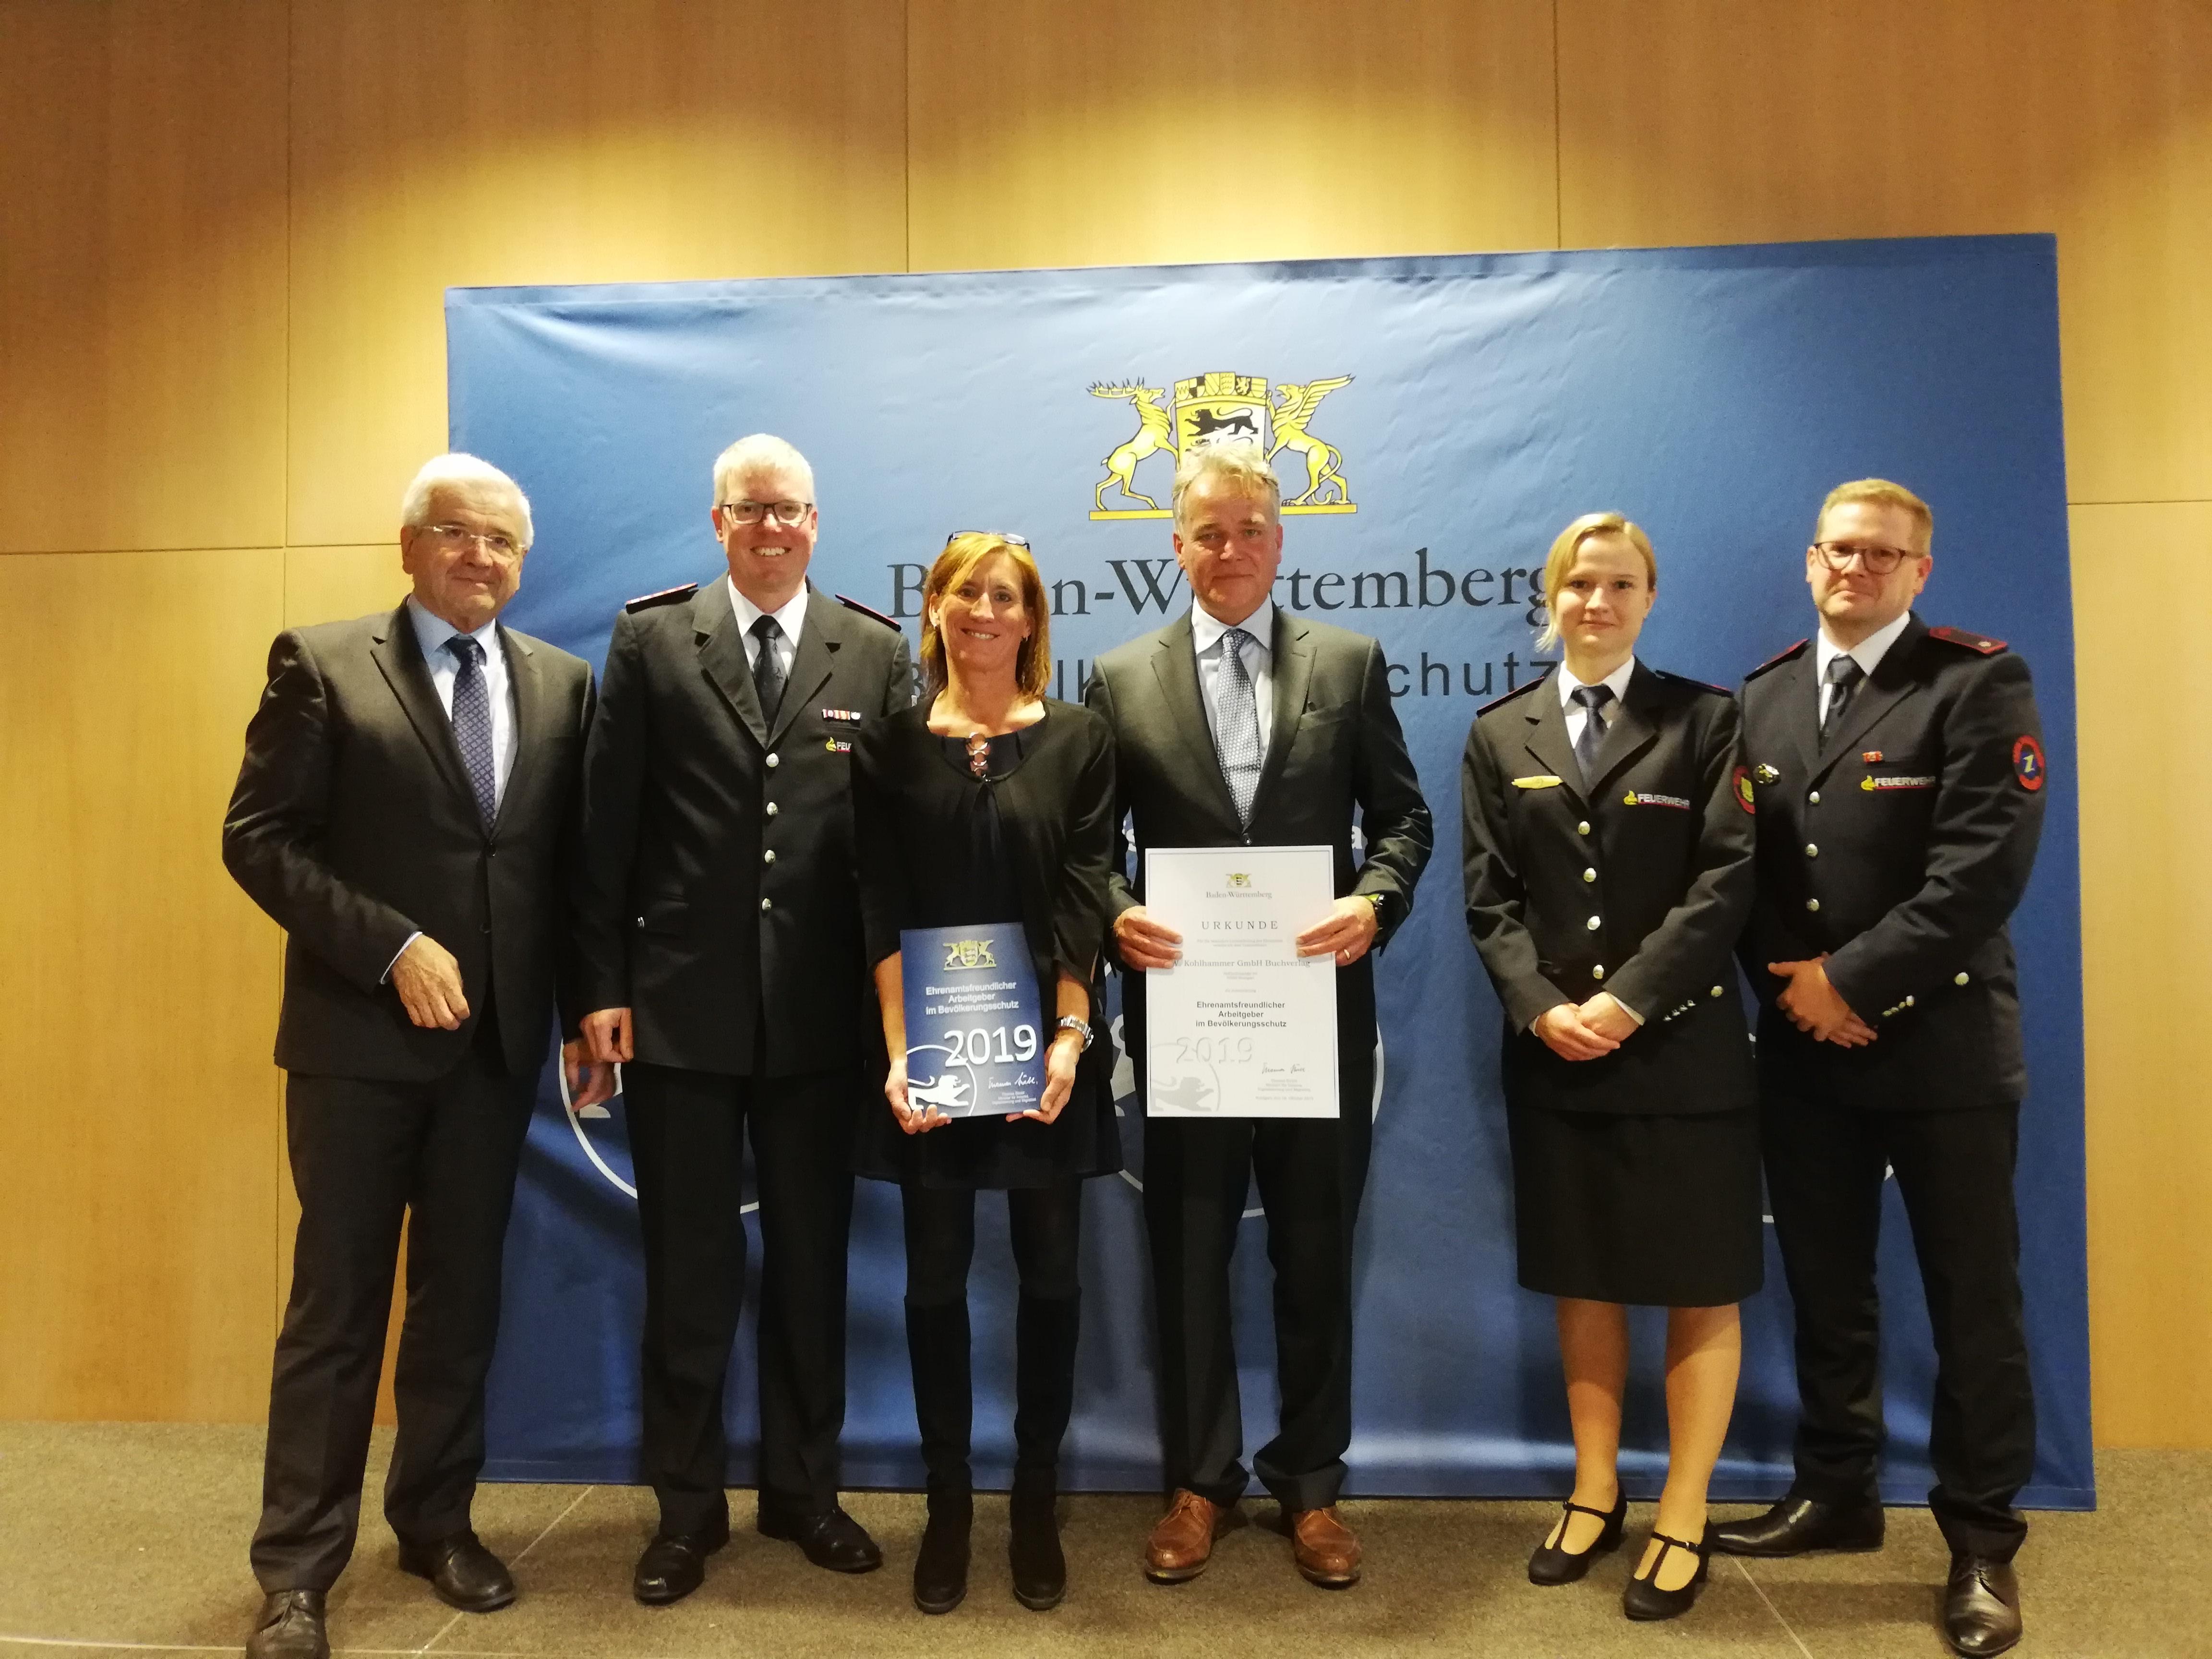 W. Kohlhammer GmbH als ehrenamtsfreundlicher Arbeitgeber im Bevölkerungsschutz ausgezeichnet